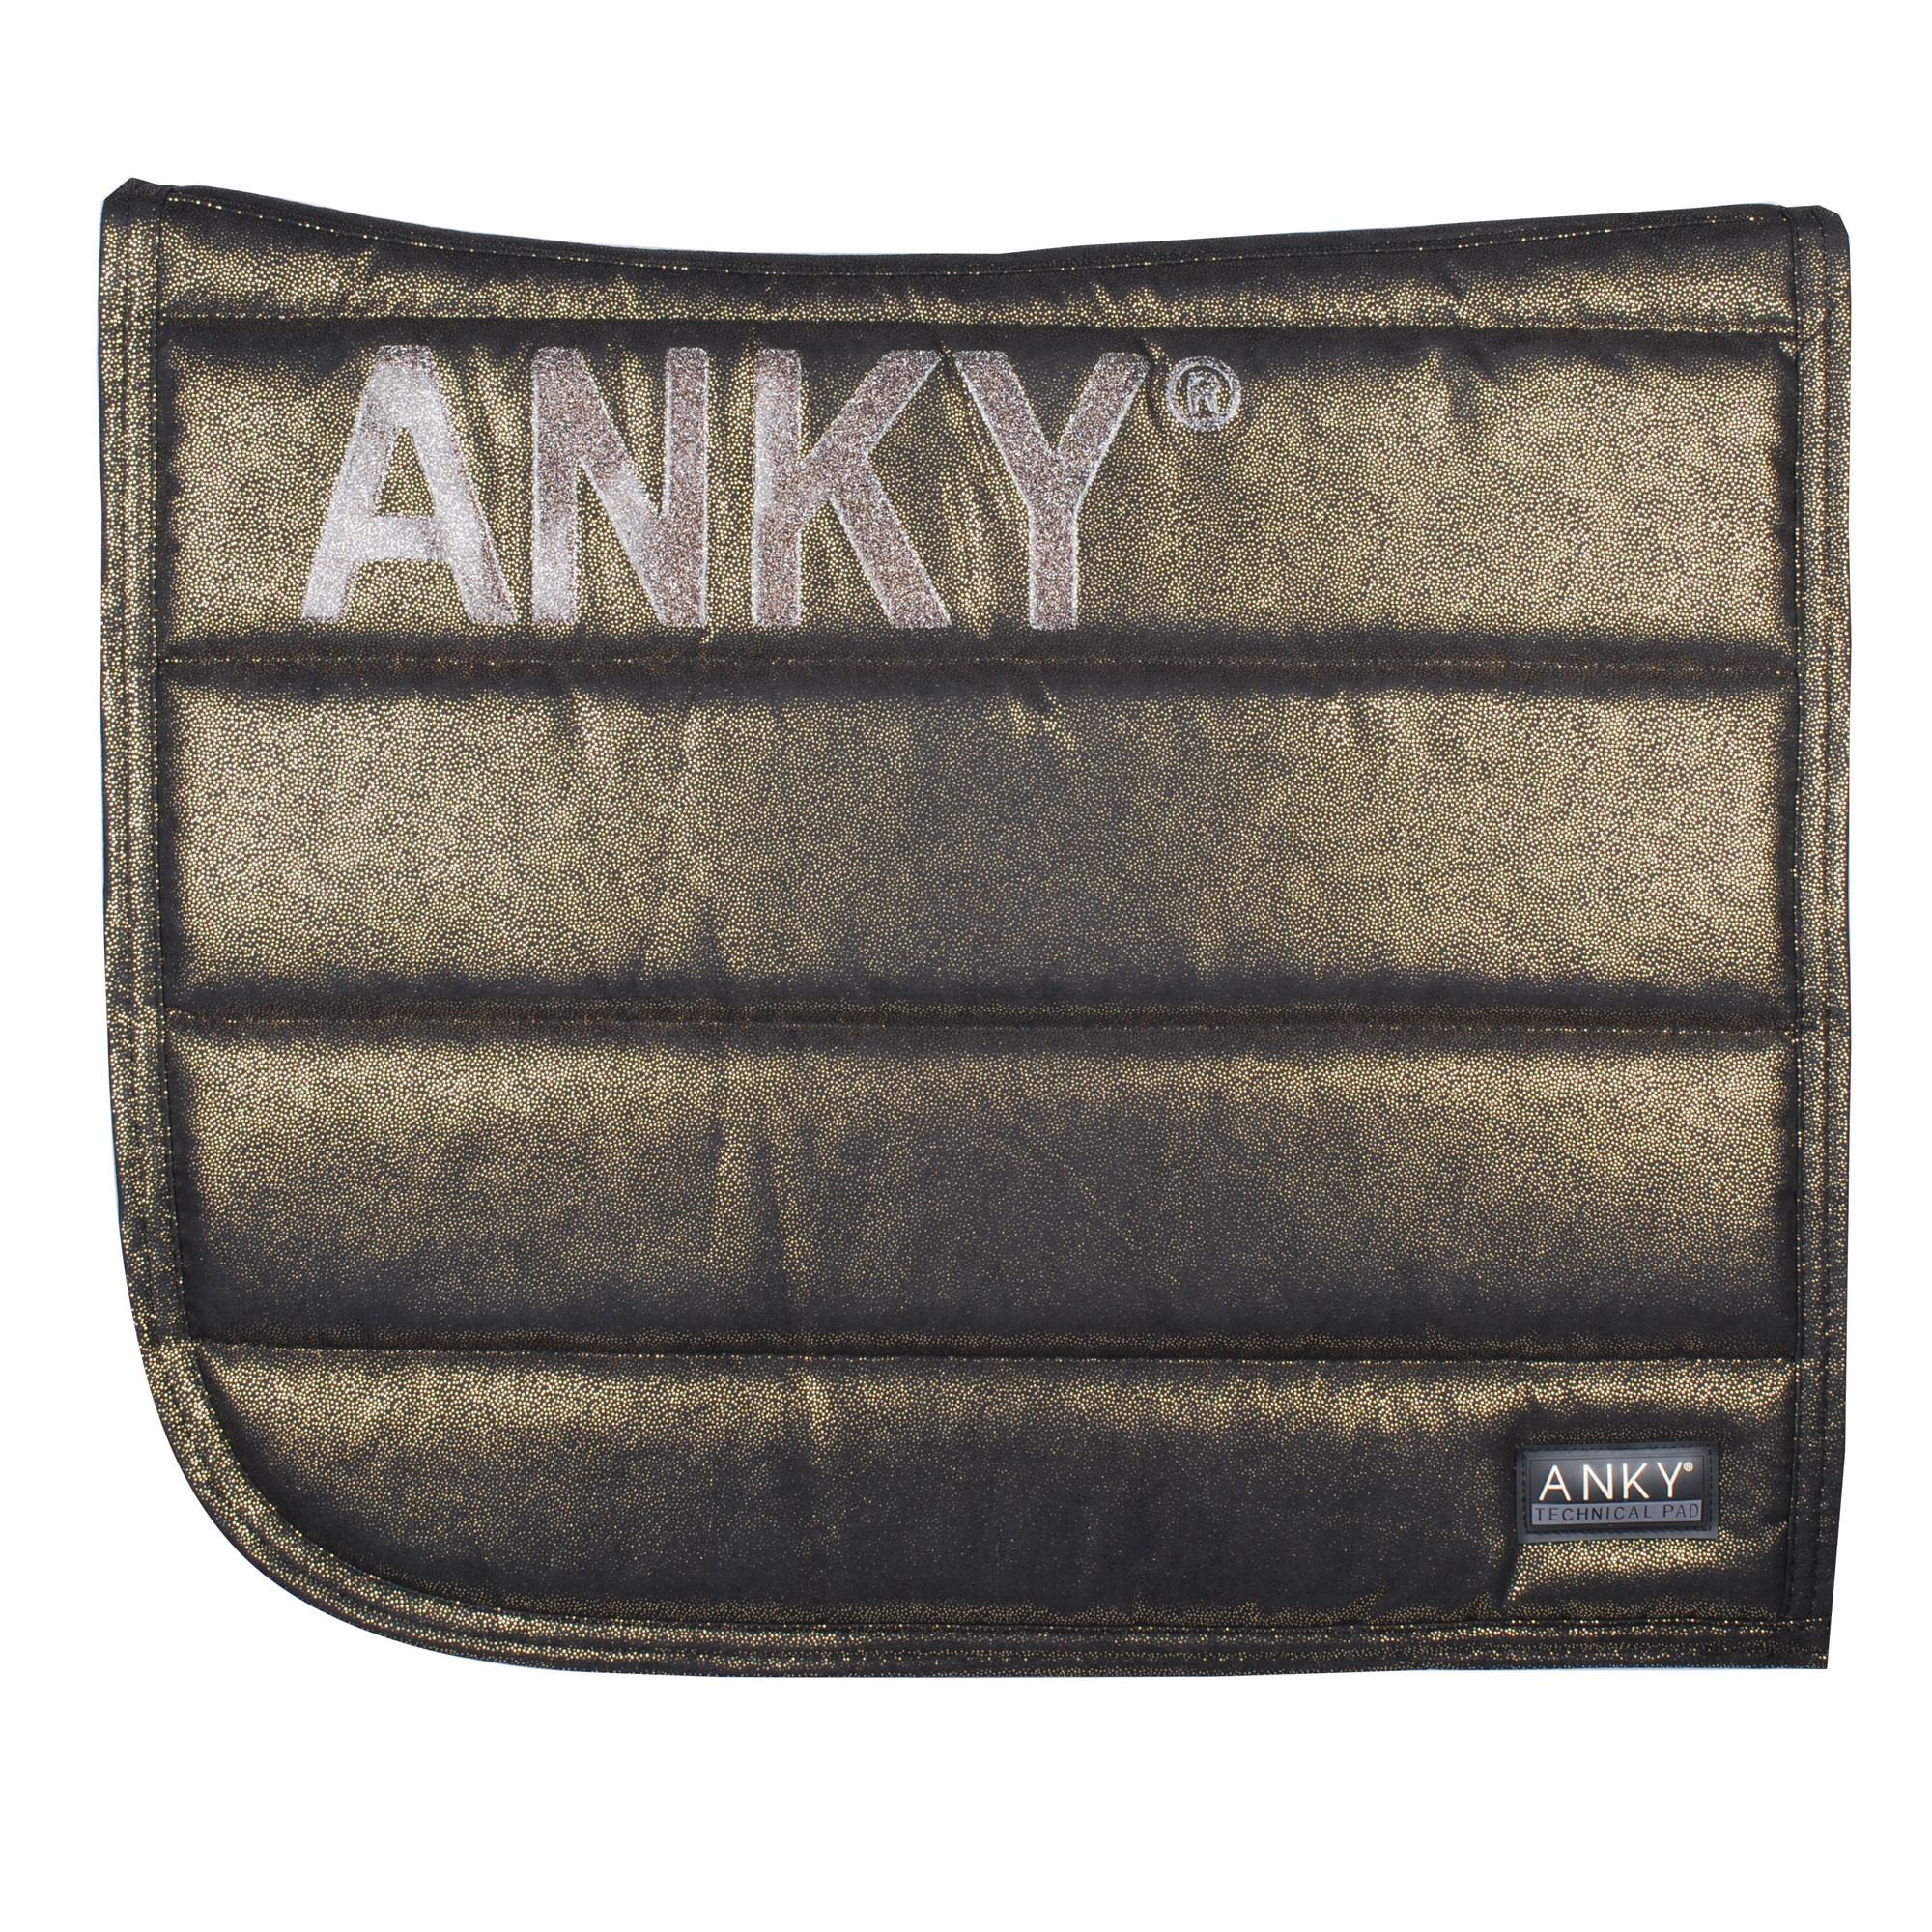 Anky XB110 Spark zadeldek